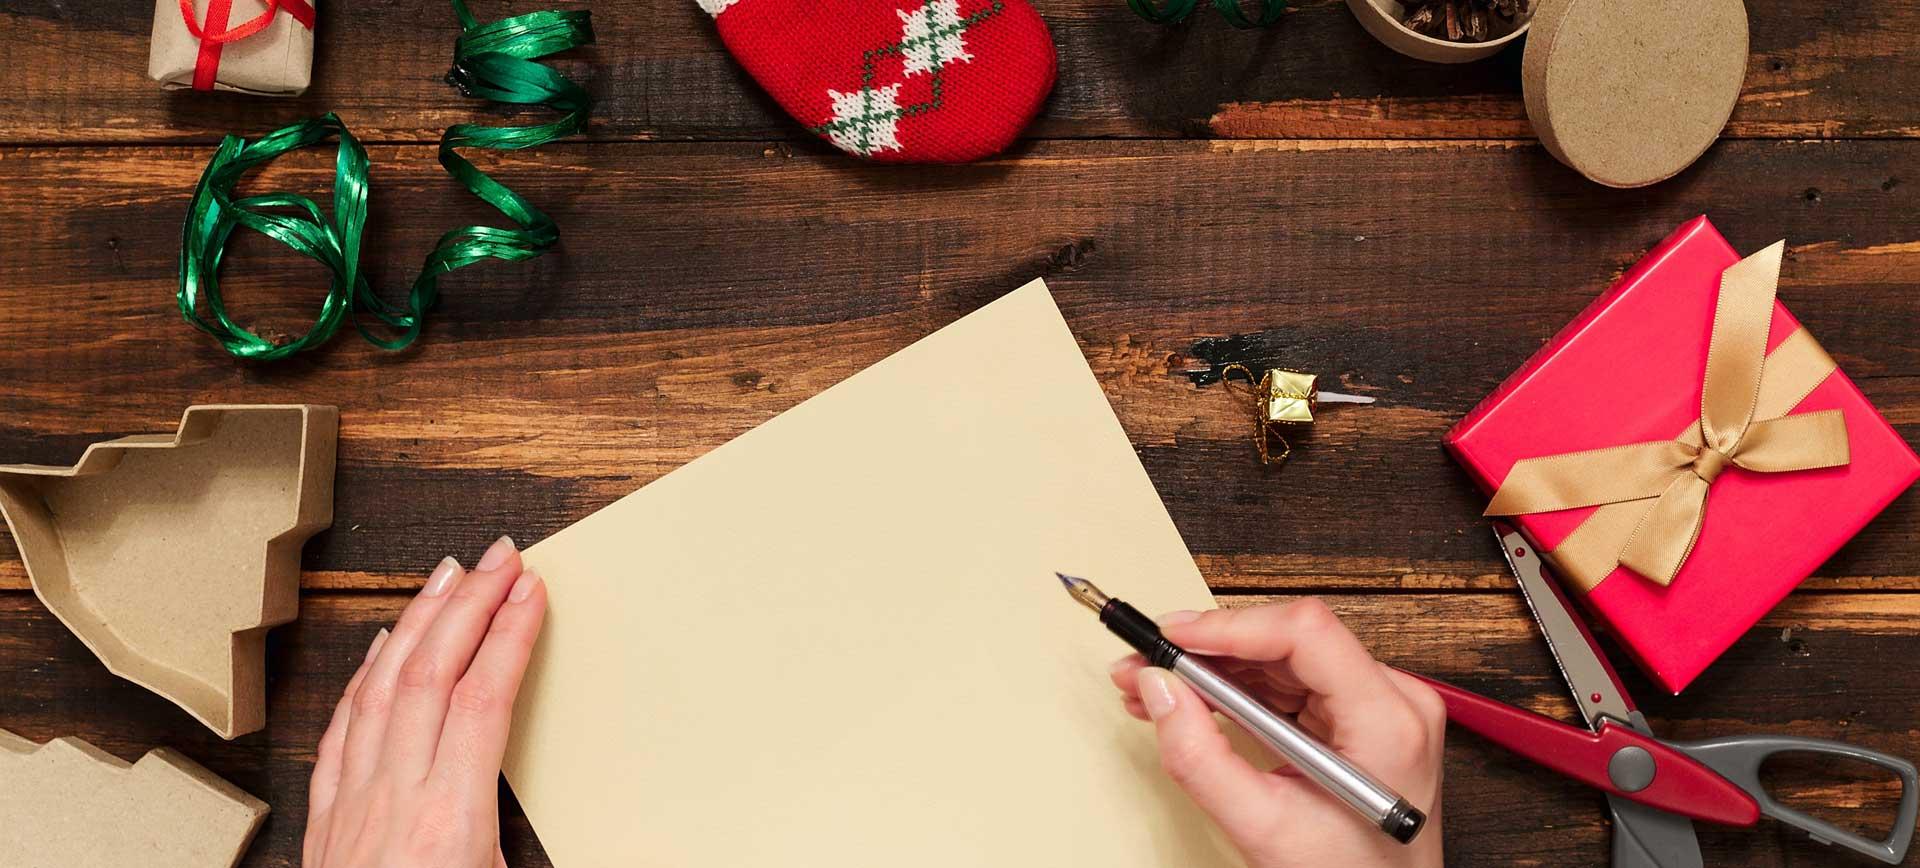 Weihnachtsgrüße Personalisiert.Diy Weihnachtskarten 5 Tipps Für Schöne Weihnachtsgrüße